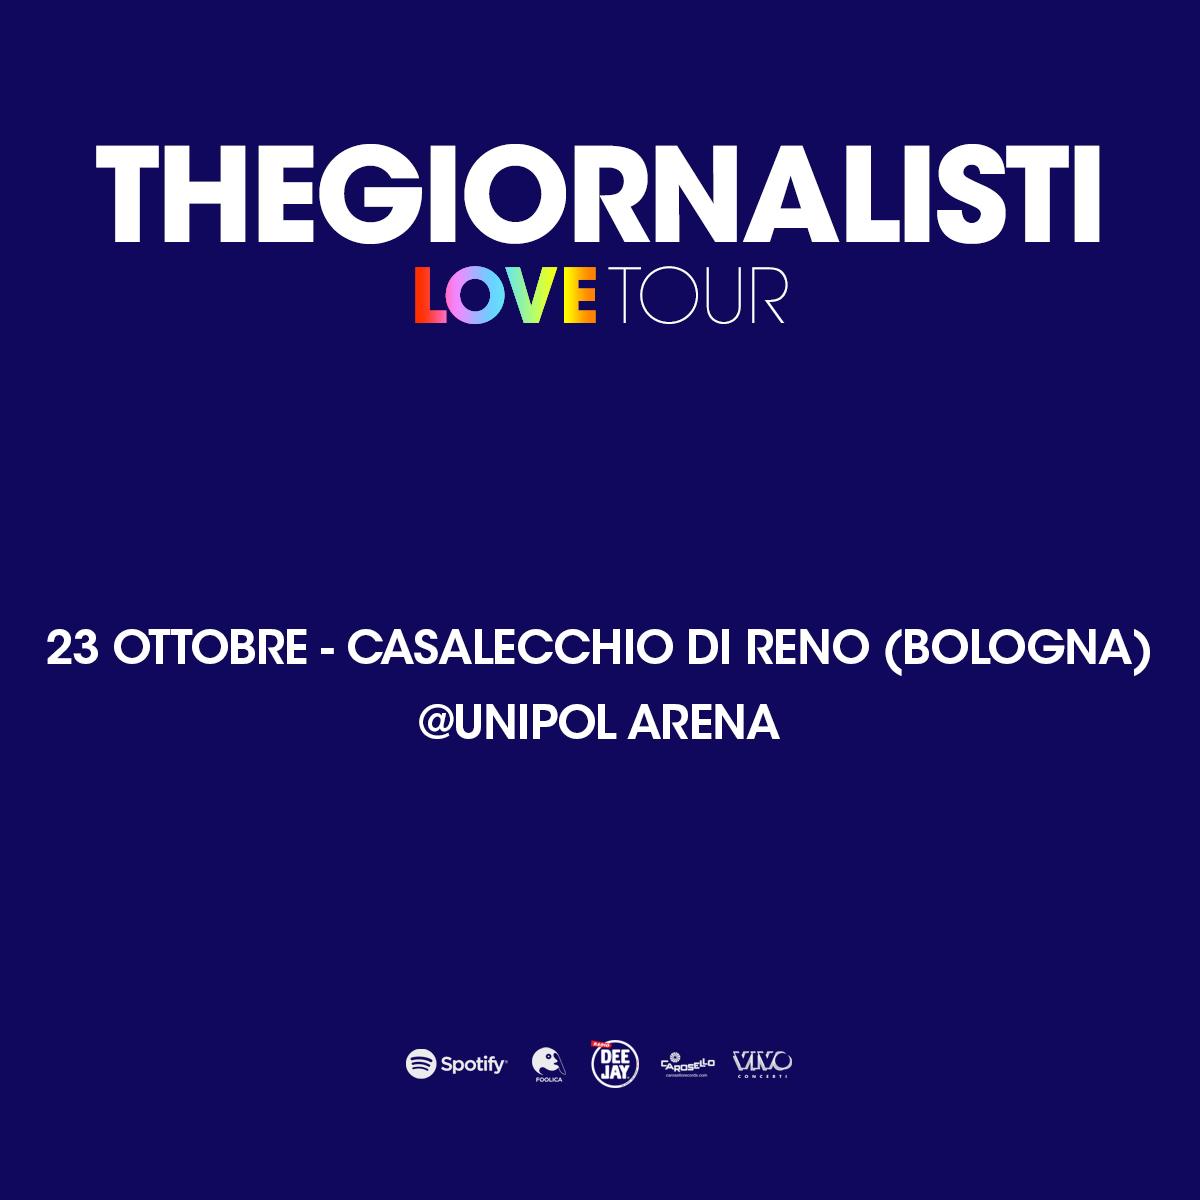 Thegiornalisti-Unipol Arena Bologna